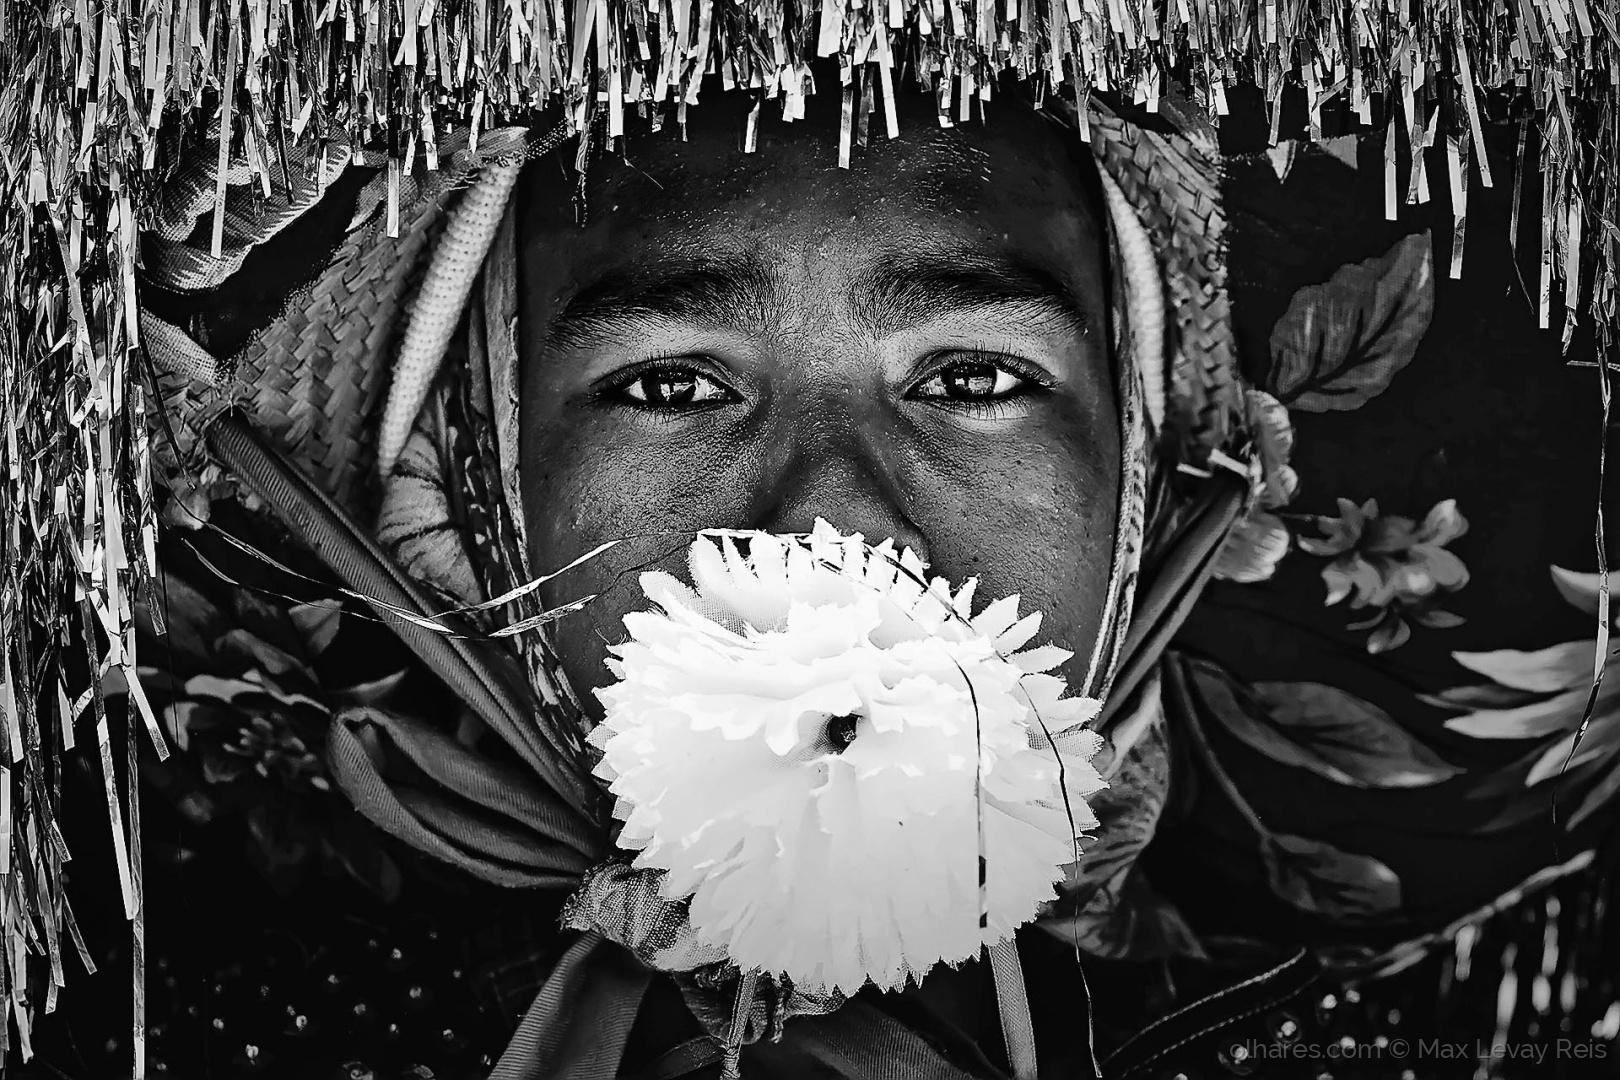 Retratos/Maracatu 2017